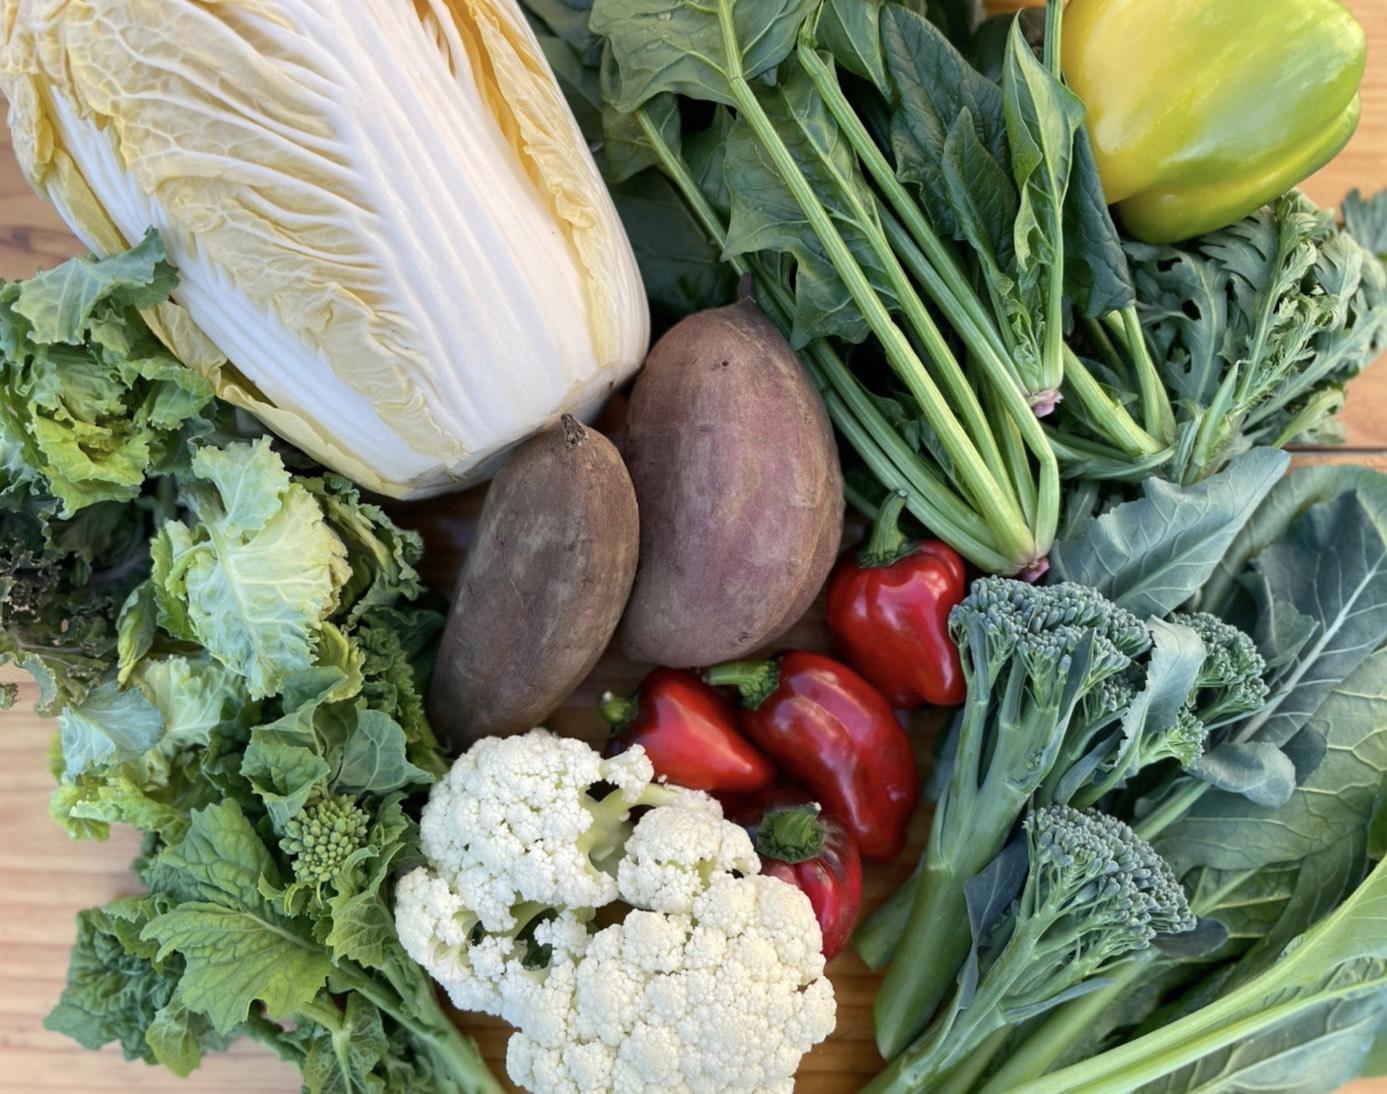 野菜・果物の魅力を引き出す写真の撮り方!【スマホでOK】